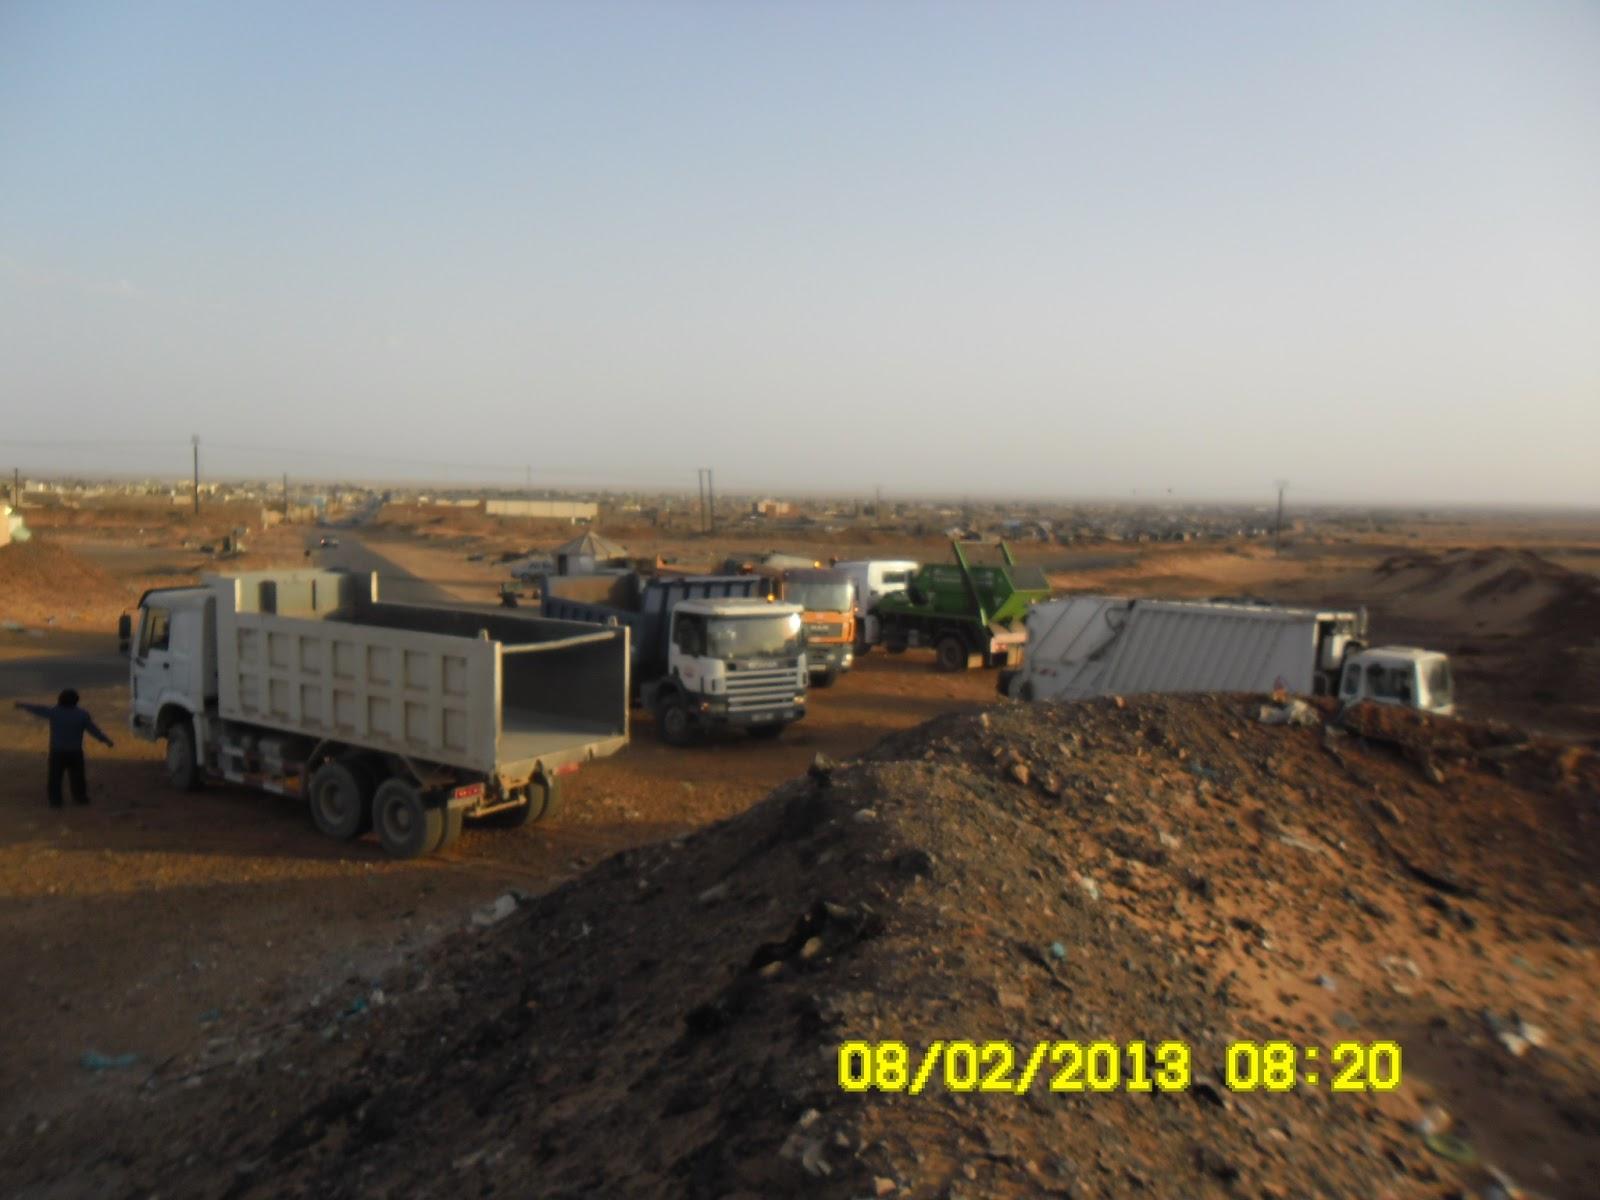 عمال اسنيم في ازويرات يتوقفون عن العمل 4 ساعات